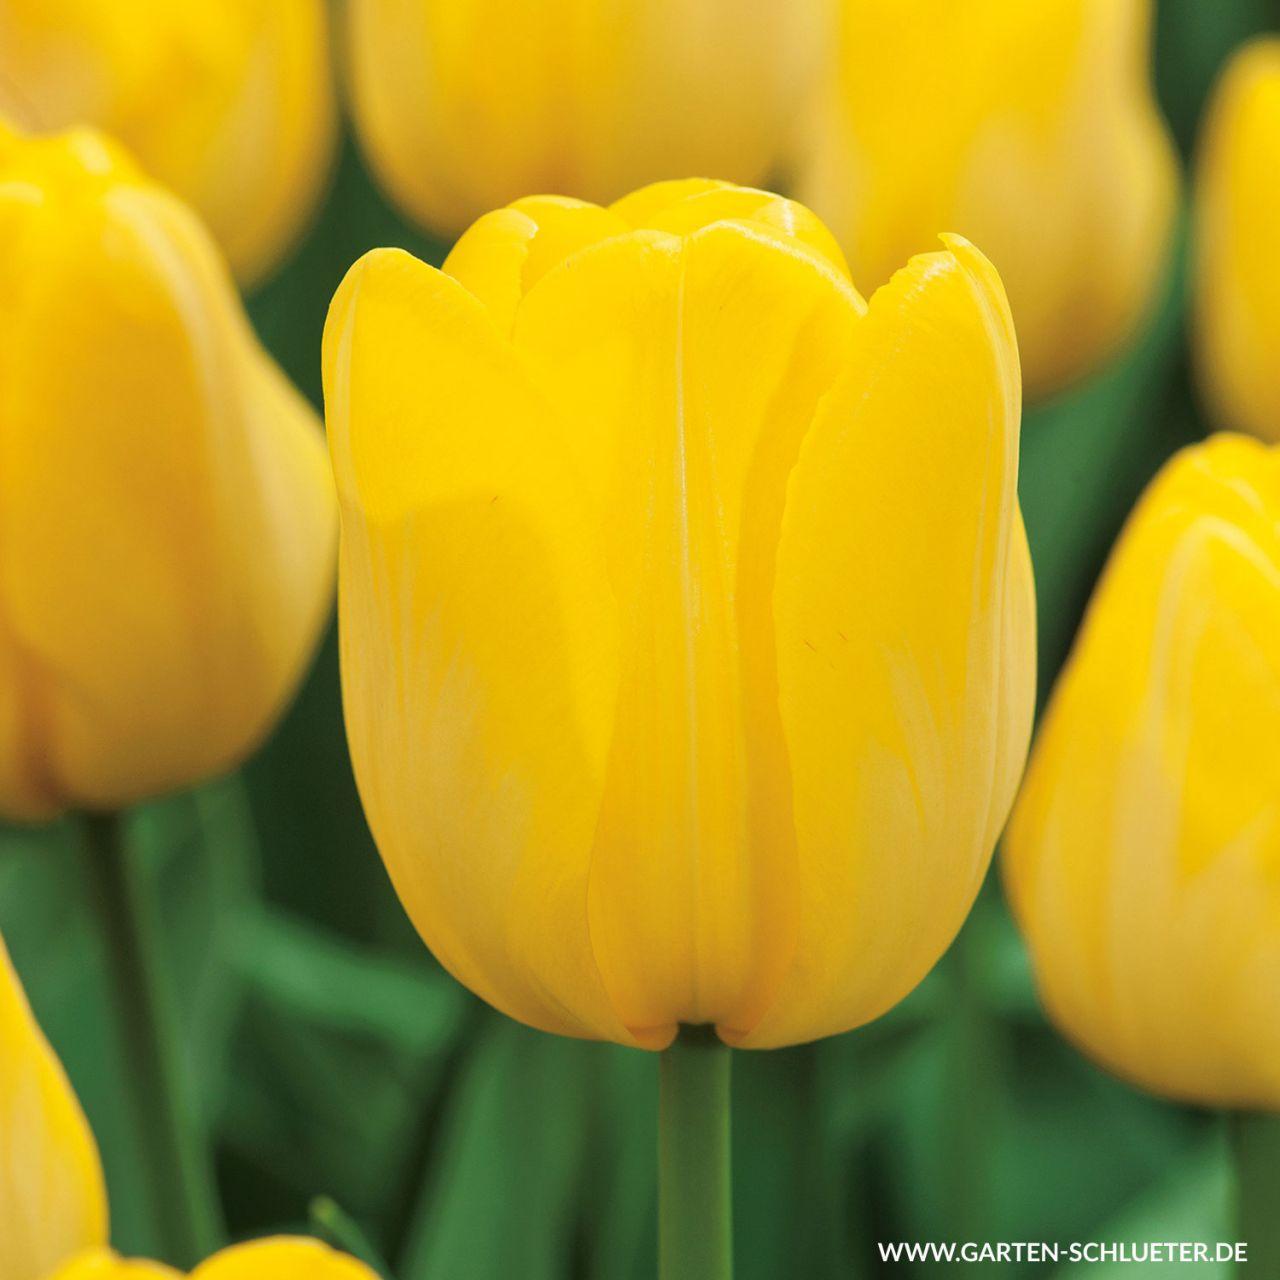 Garten-Schlueter.de: Triumph - Tulpe Jan van Nes - 10 Stück